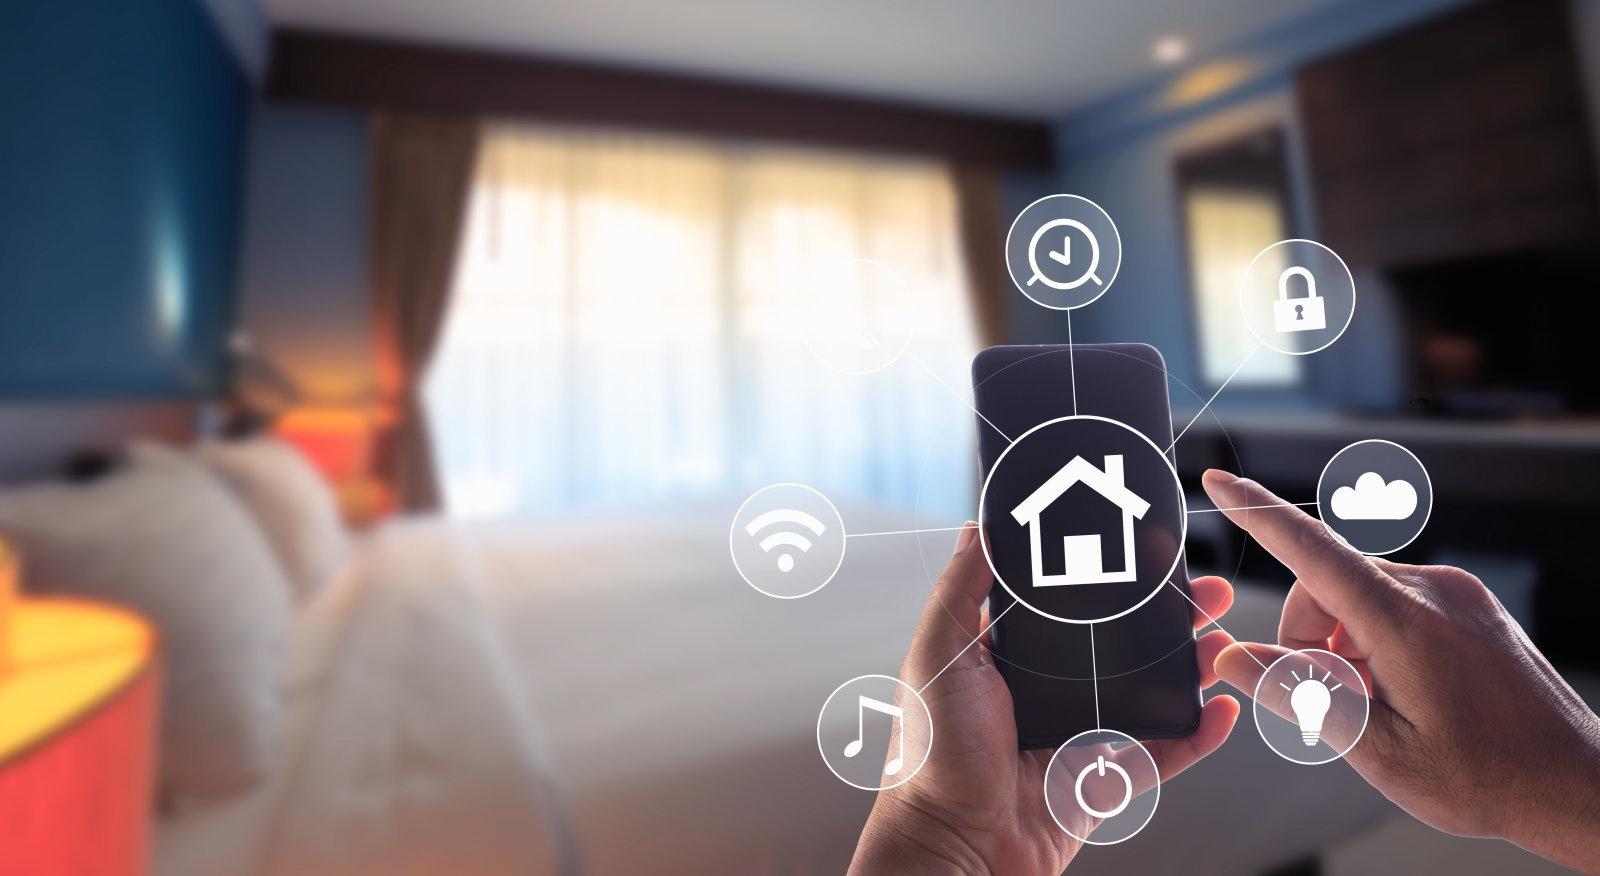 Șase din zece români ar achiziționa dispozitive Smart Home. Mai ales pentru bucătărie